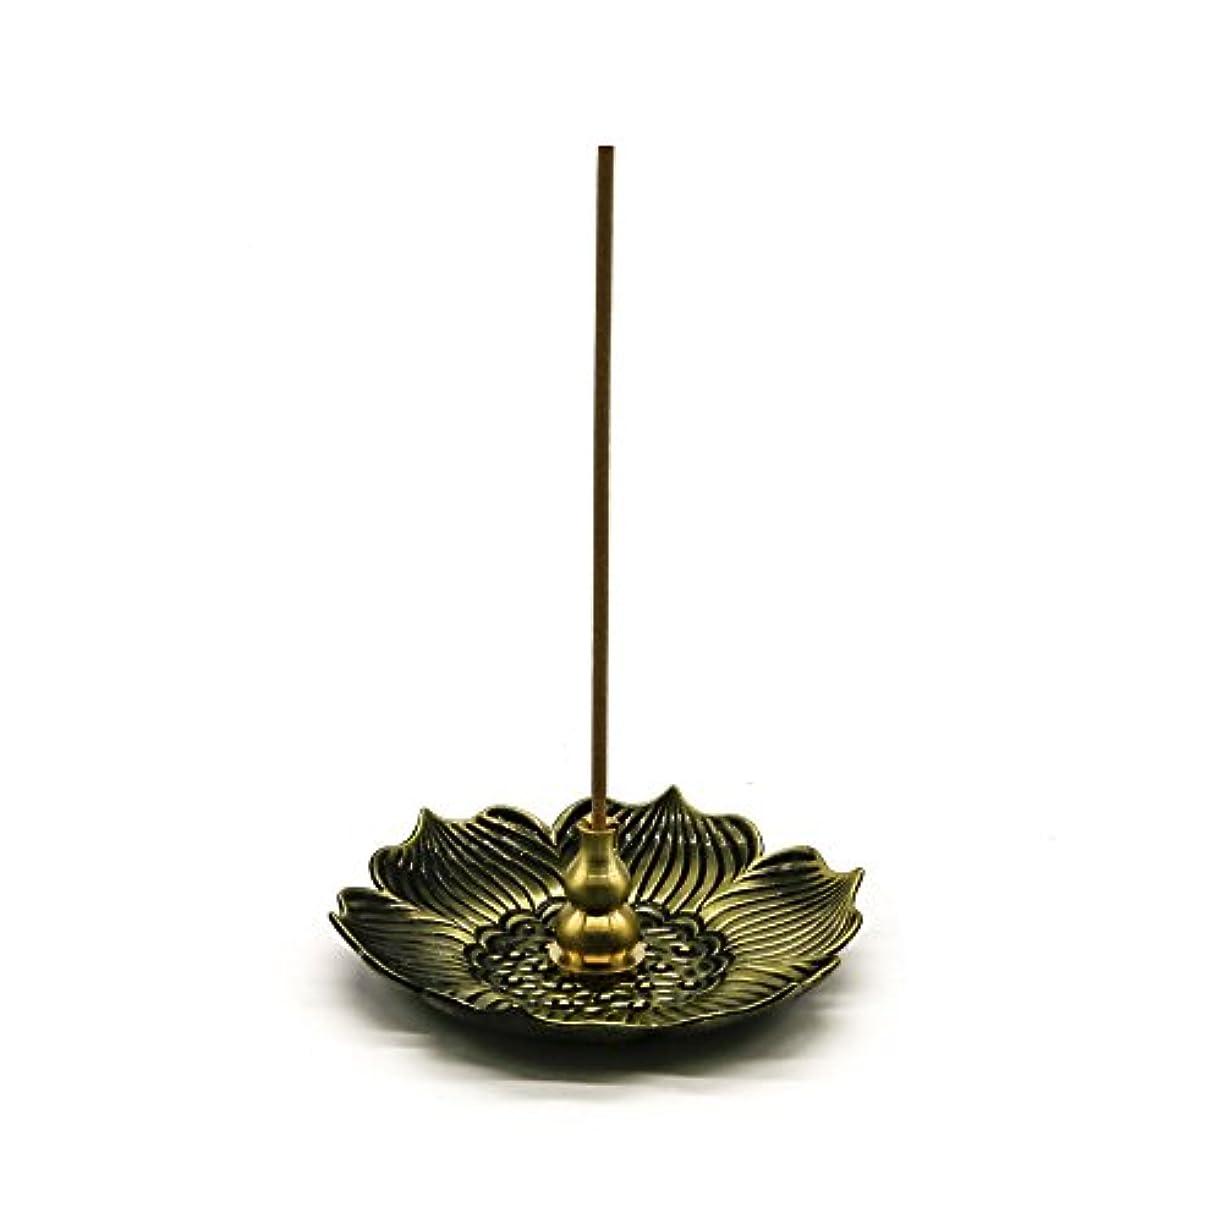 意図バーアメリカomonicブロンズLotus Dish Stick Incense Burnerホルダー(スティック/コーン/コイルIncense )アロマセラピー炉Diffuser forホームインテリア